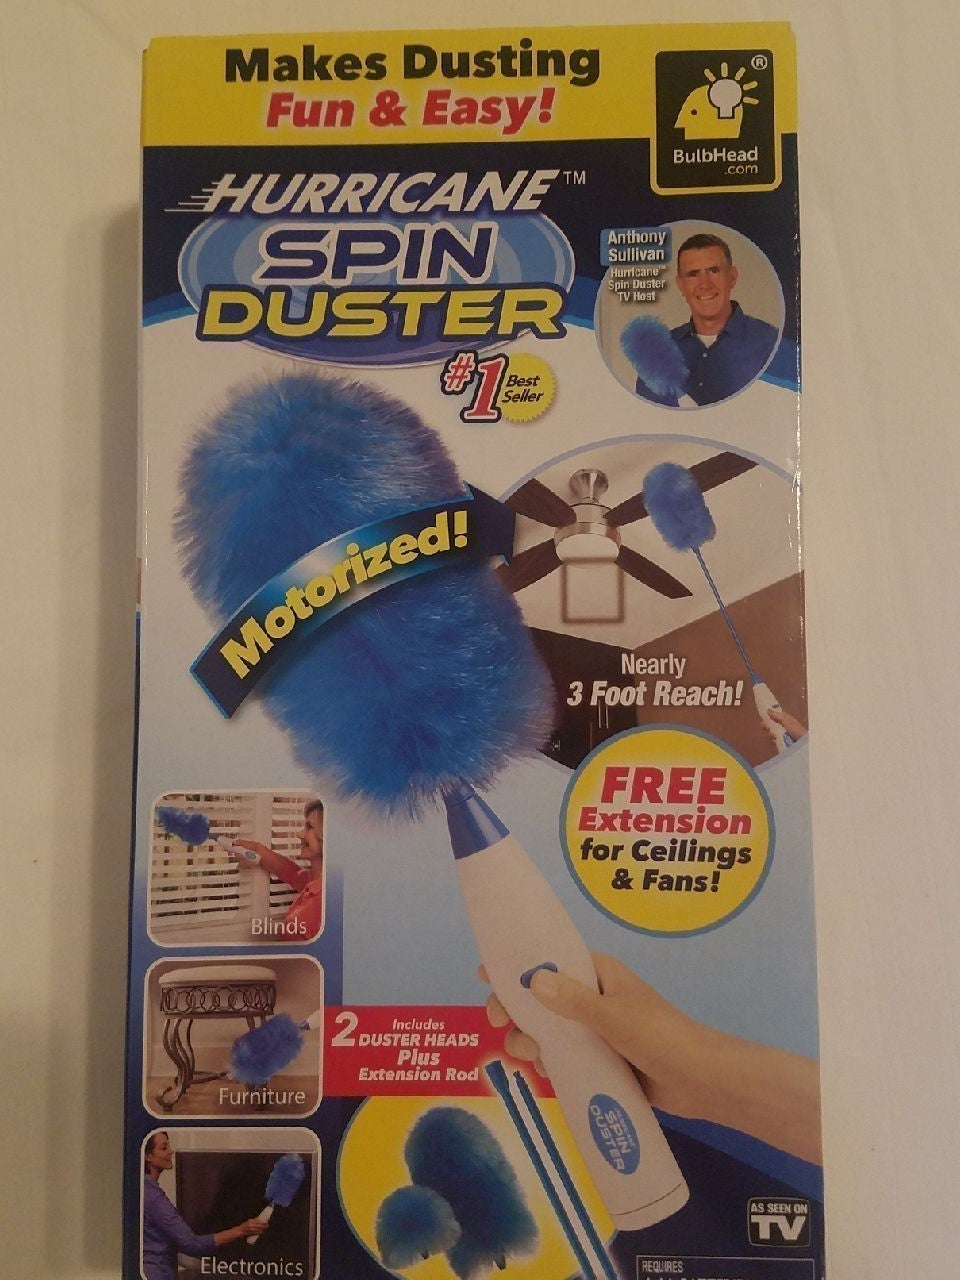 Motorized Hurricane Spin Duster